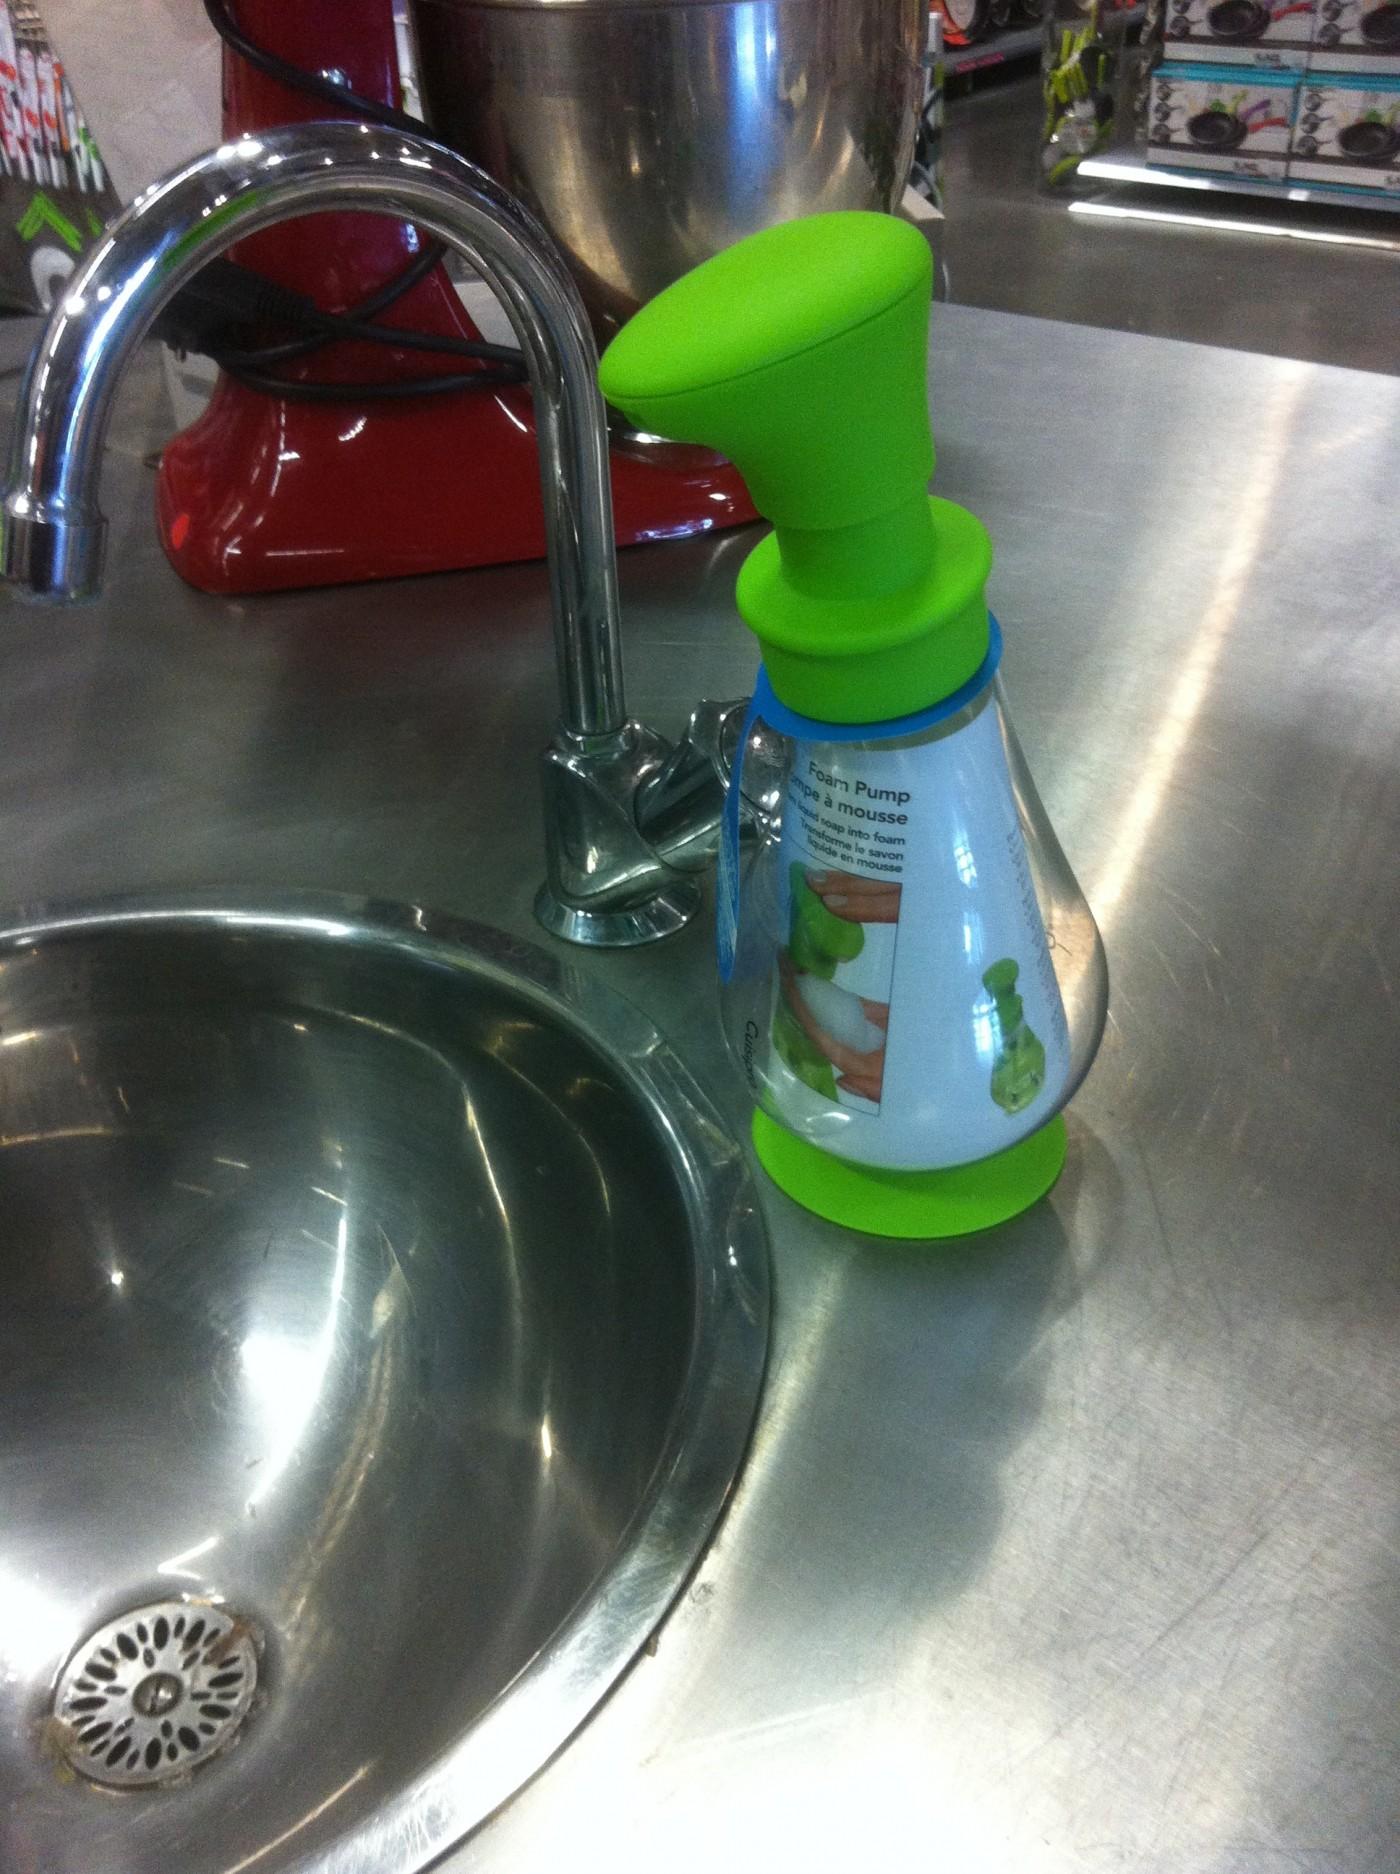 J'ai testé pour vous le distributeur savon vert ventouse 390mL de Cuisipro